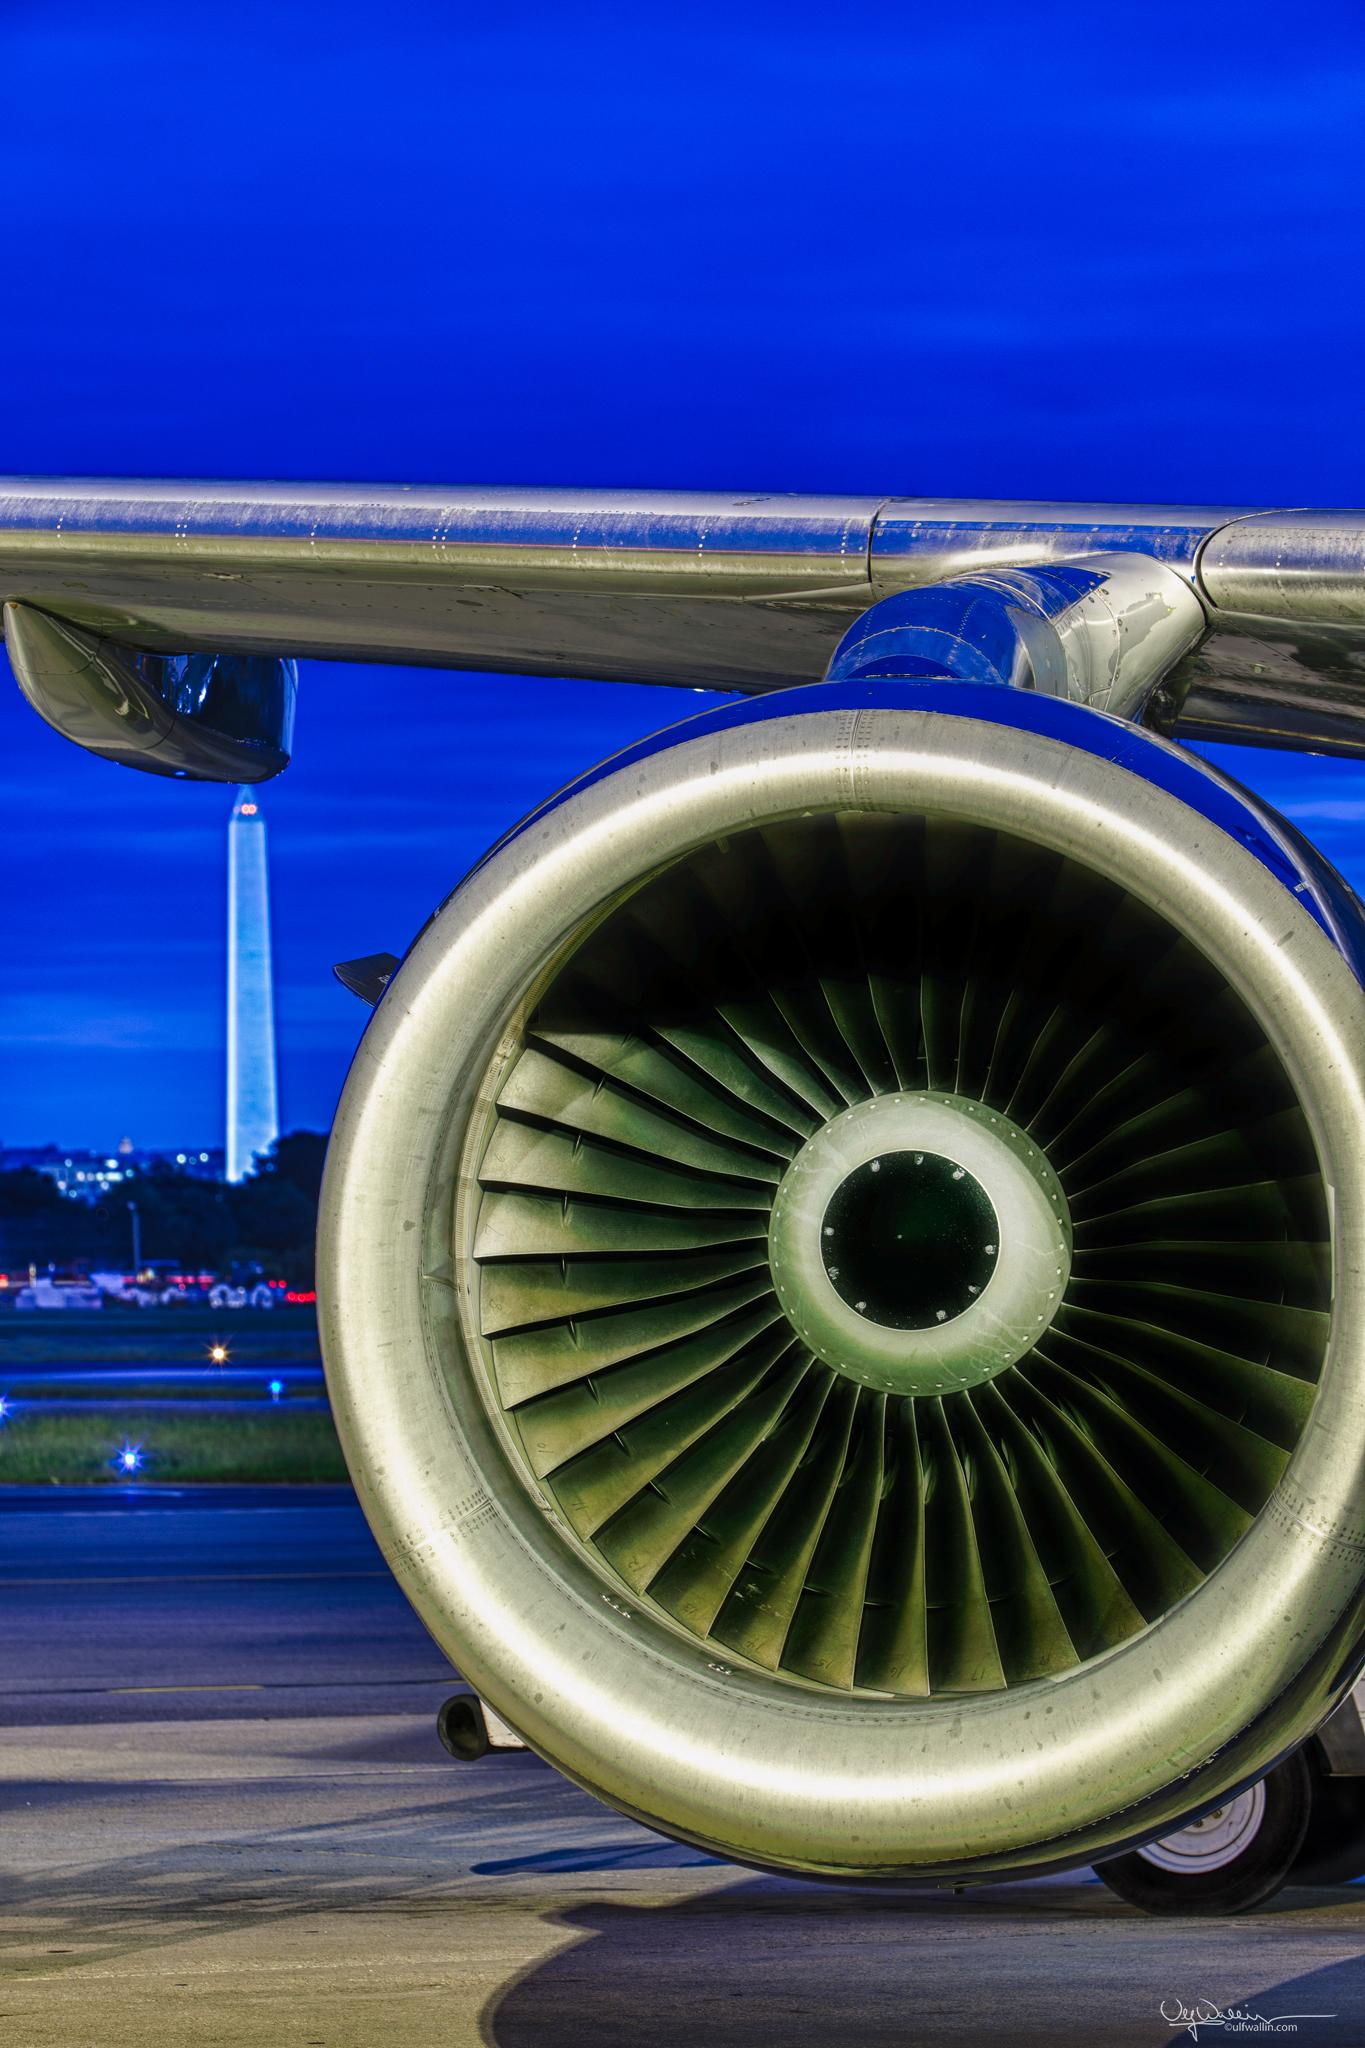 Jet Engine & Washington Monument